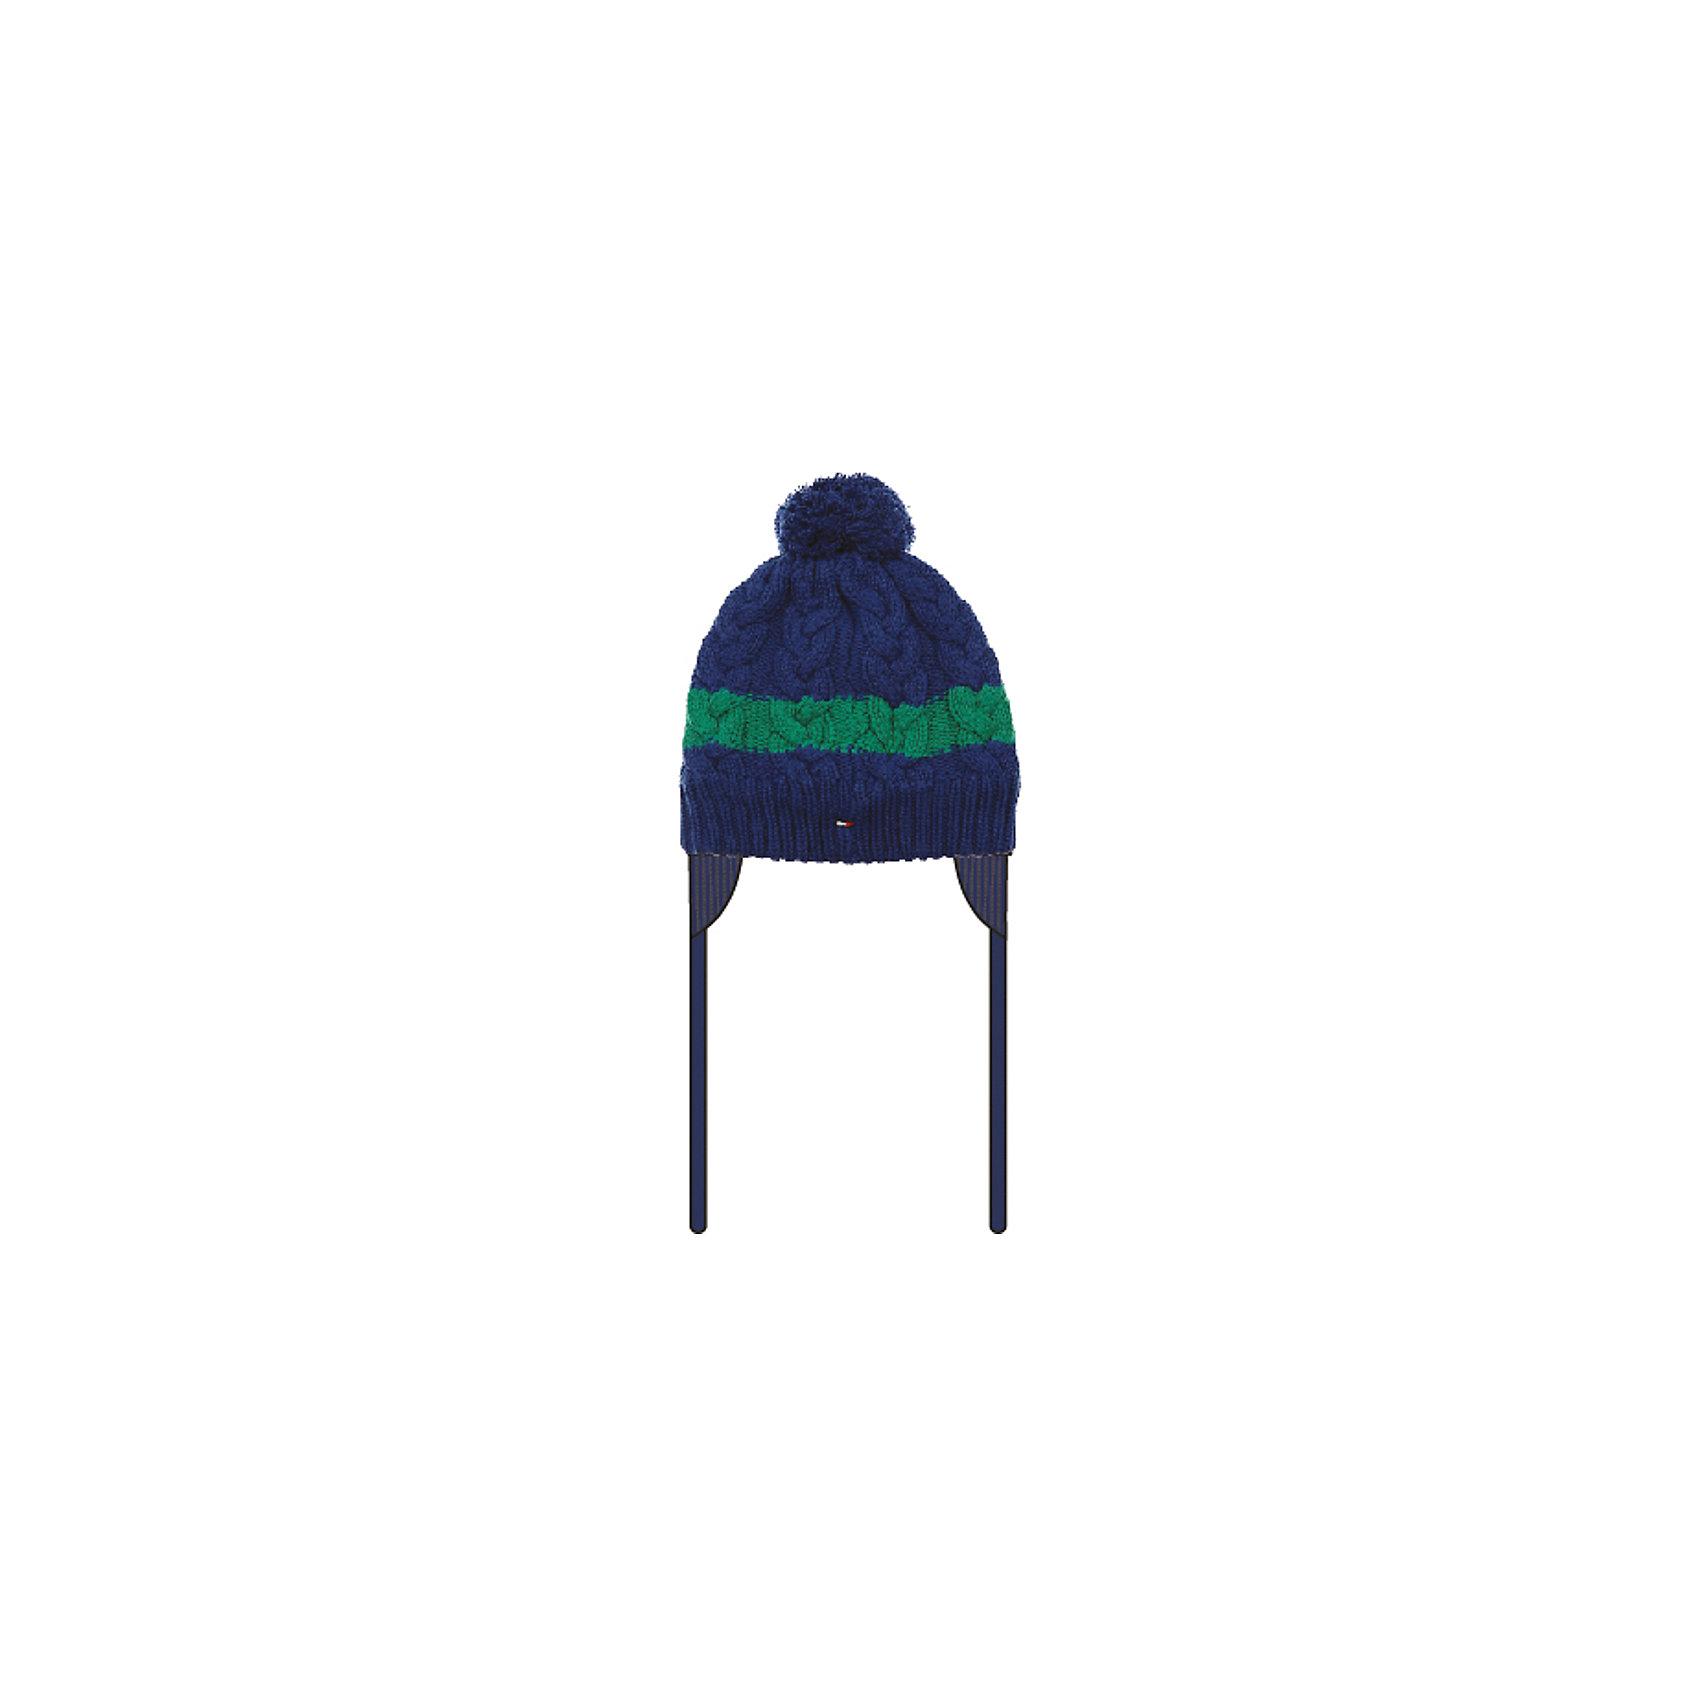 Шапка для мальчика PlayTodayШапка для мальчика от известного бренда PlayToday.<br>Уютная вязаная шапочка темно-синего цвета. Украшена фактурной вязкой, забавным помпоном и яркой зеленой полосой. Удобные завязки.<br>Состав:<br>Верх: 60% хлопок, 40% акрил Подкладка: 100% полиэстер<br><br>Ширина мм: 89<br>Глубина мм: 117<br>Высота мм: 44<br>Вес г: 155<br>Цвет: разноцветный<br>Возраст от месяцев: 24<br>Возраст до месяцев: 36<br>Пол: Мужской<br>Возраст: Детский<br>Размер: 52,54,50<br>SKU: 4898361